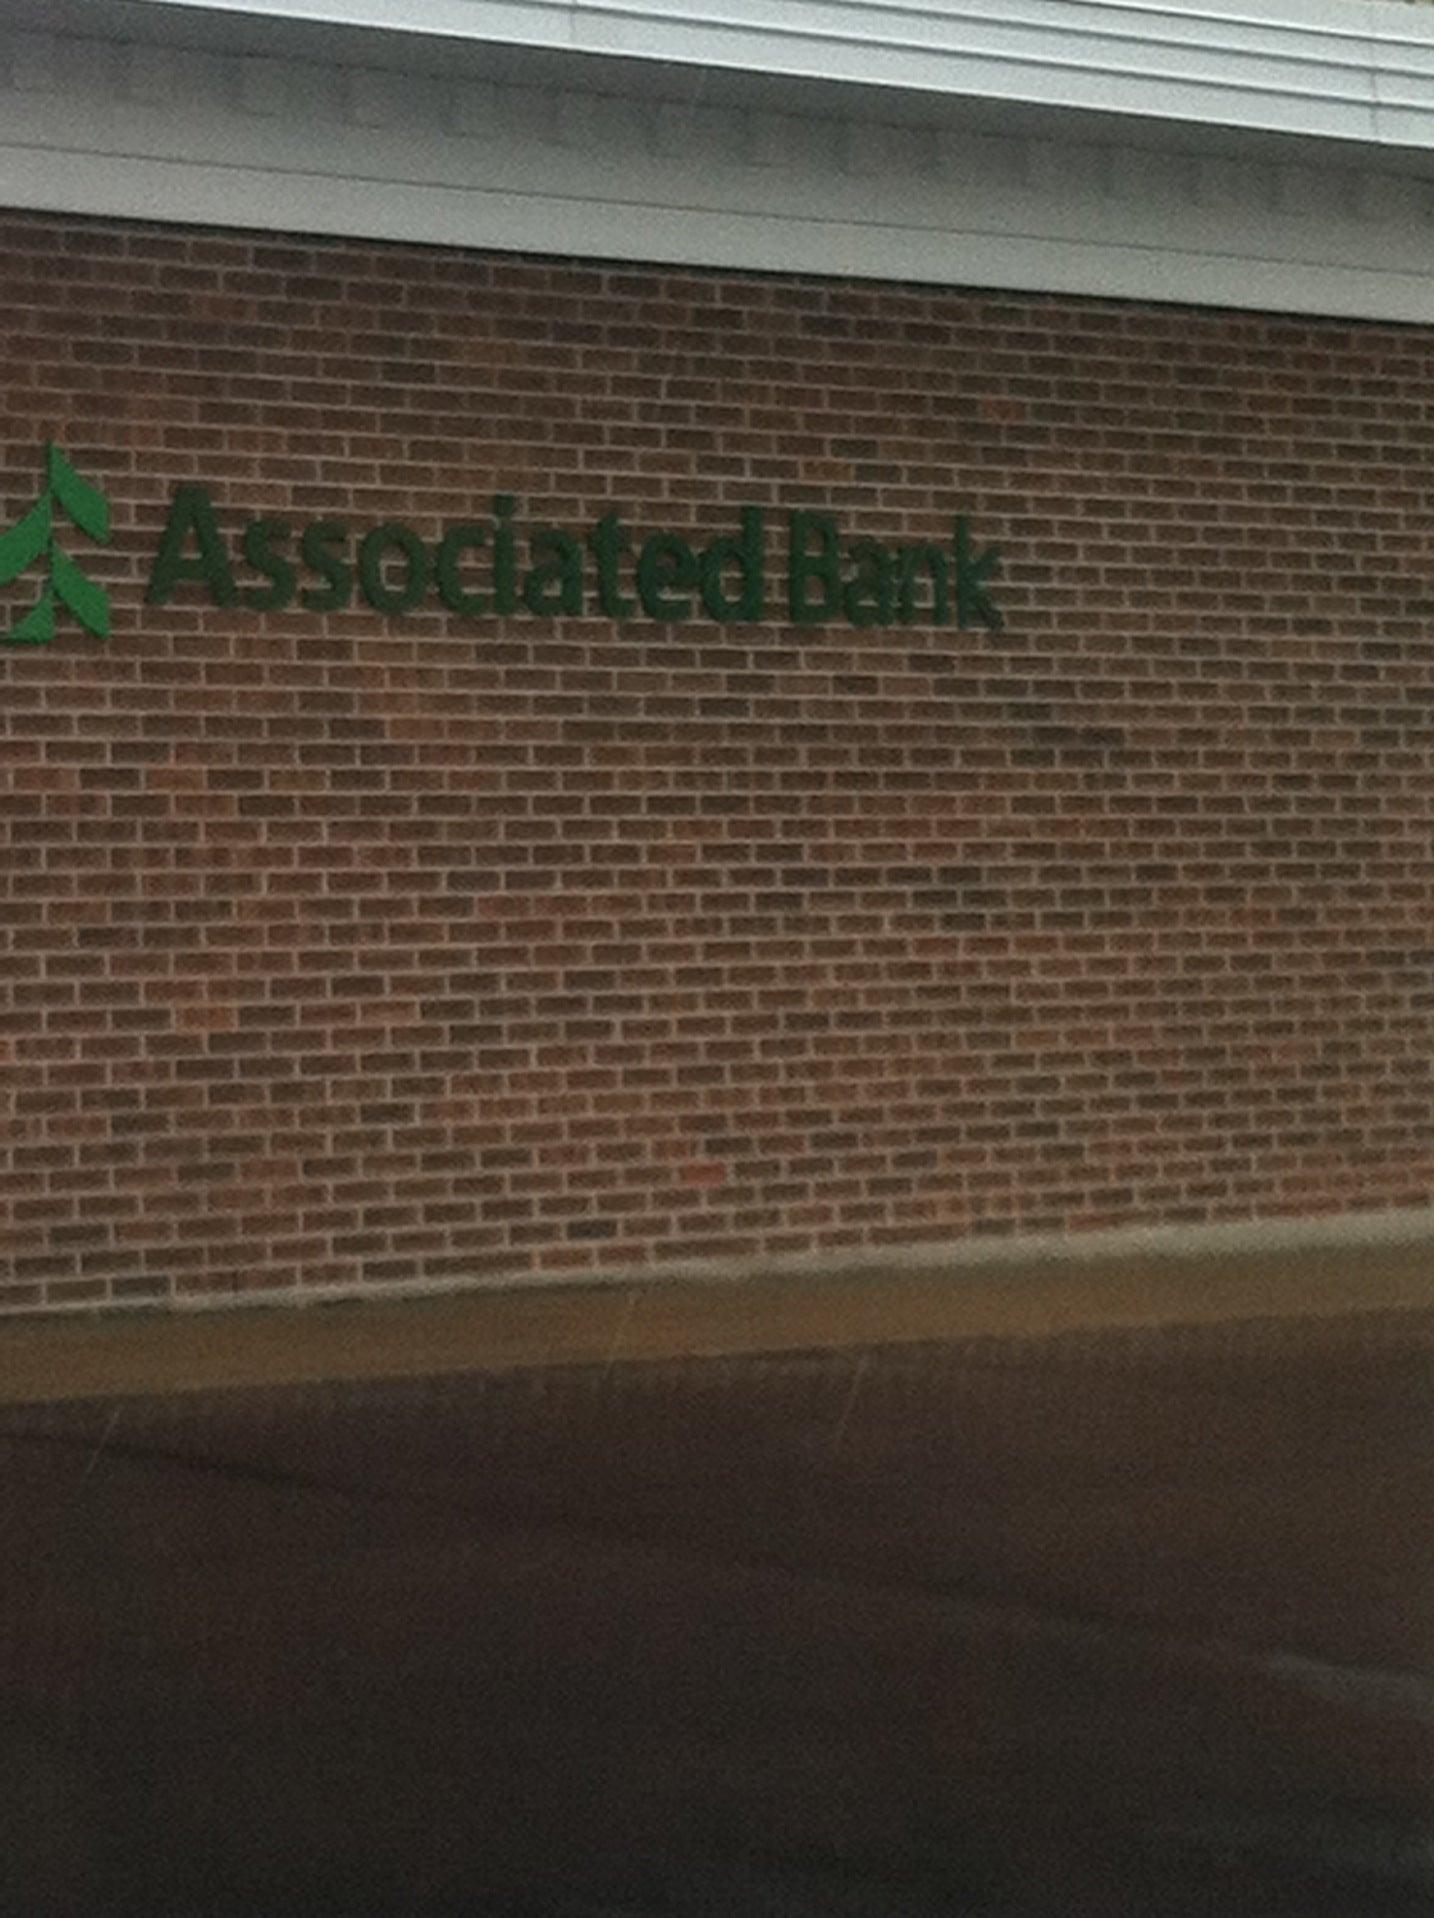 ASSOCIATED BANK,